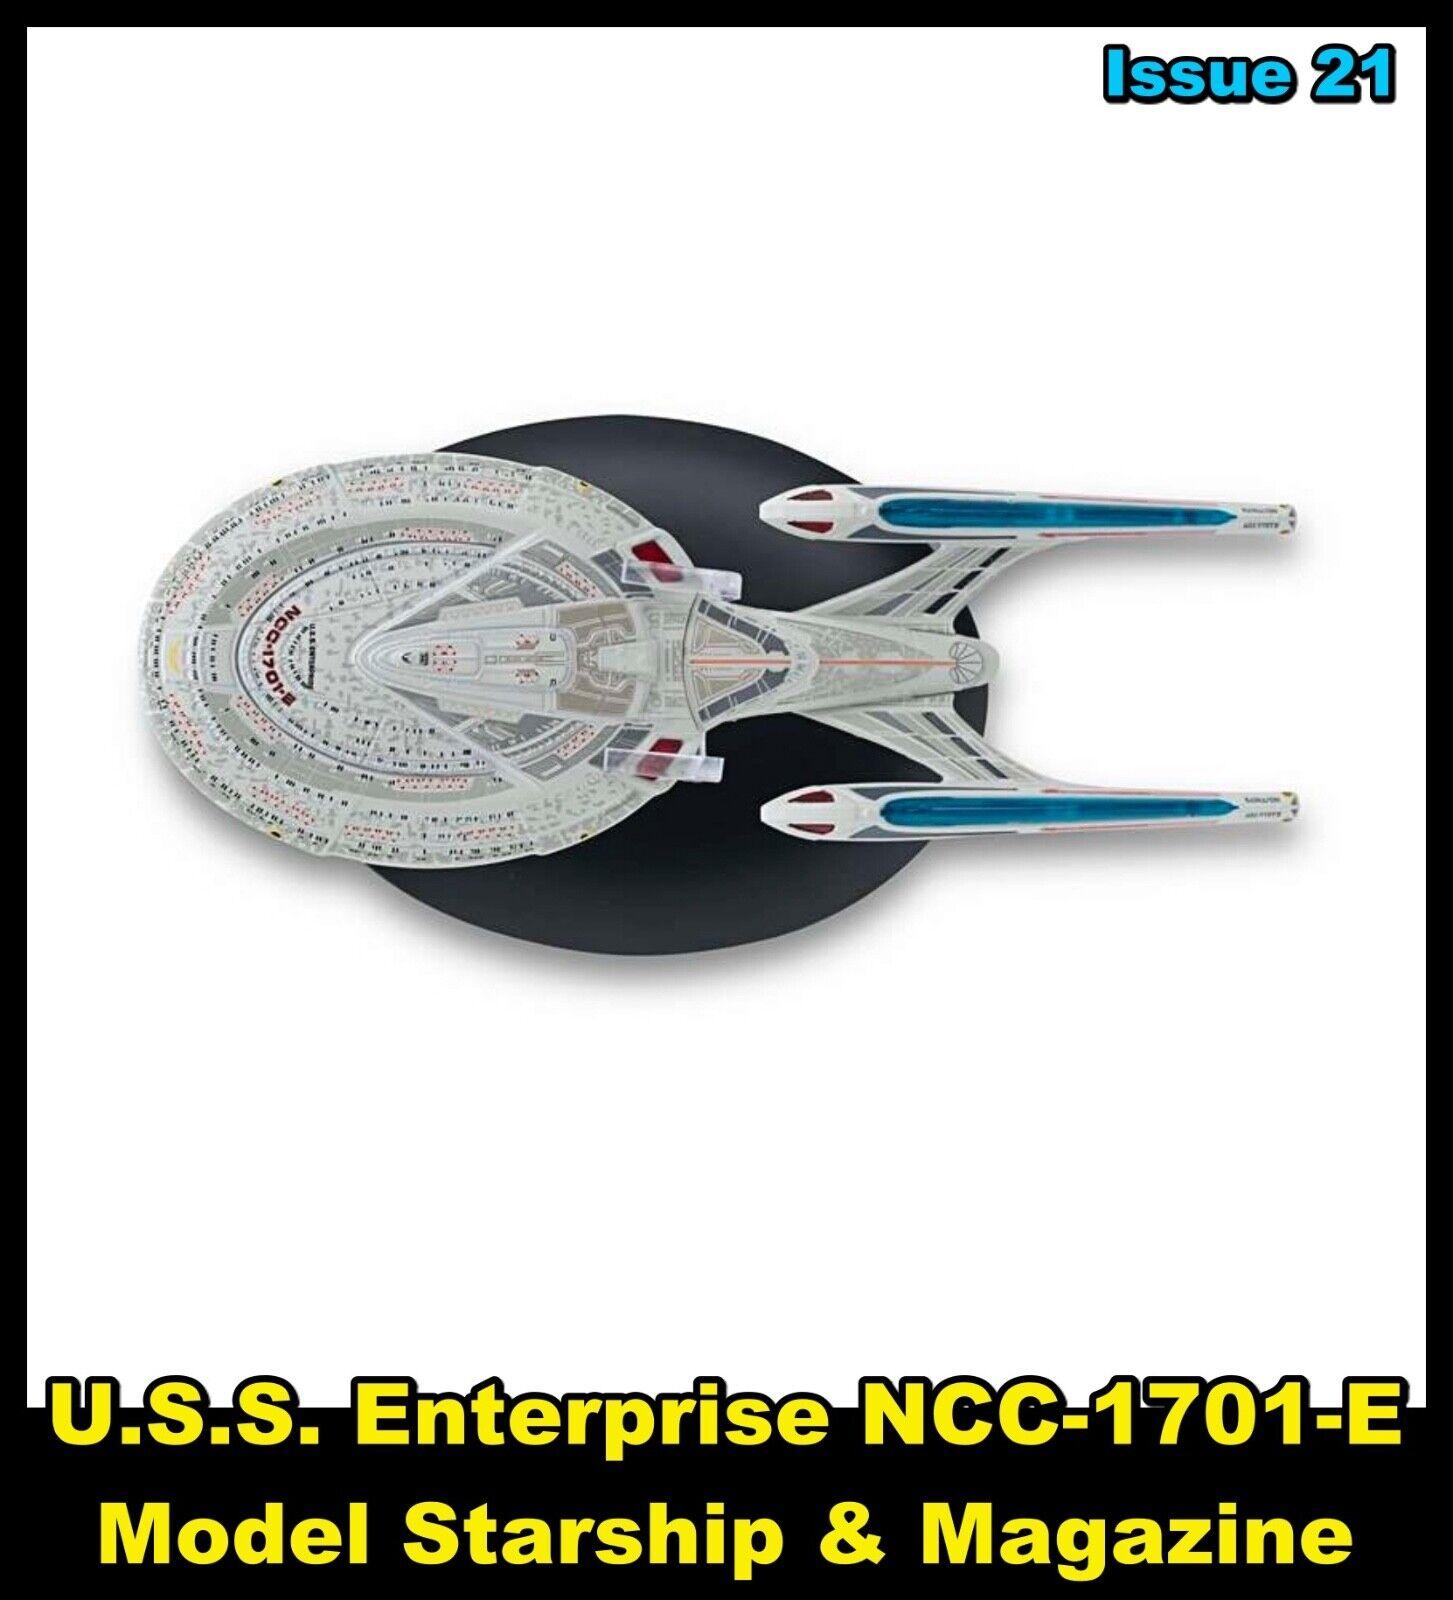 Issue 21: USS Enterprise NCC-1701-E